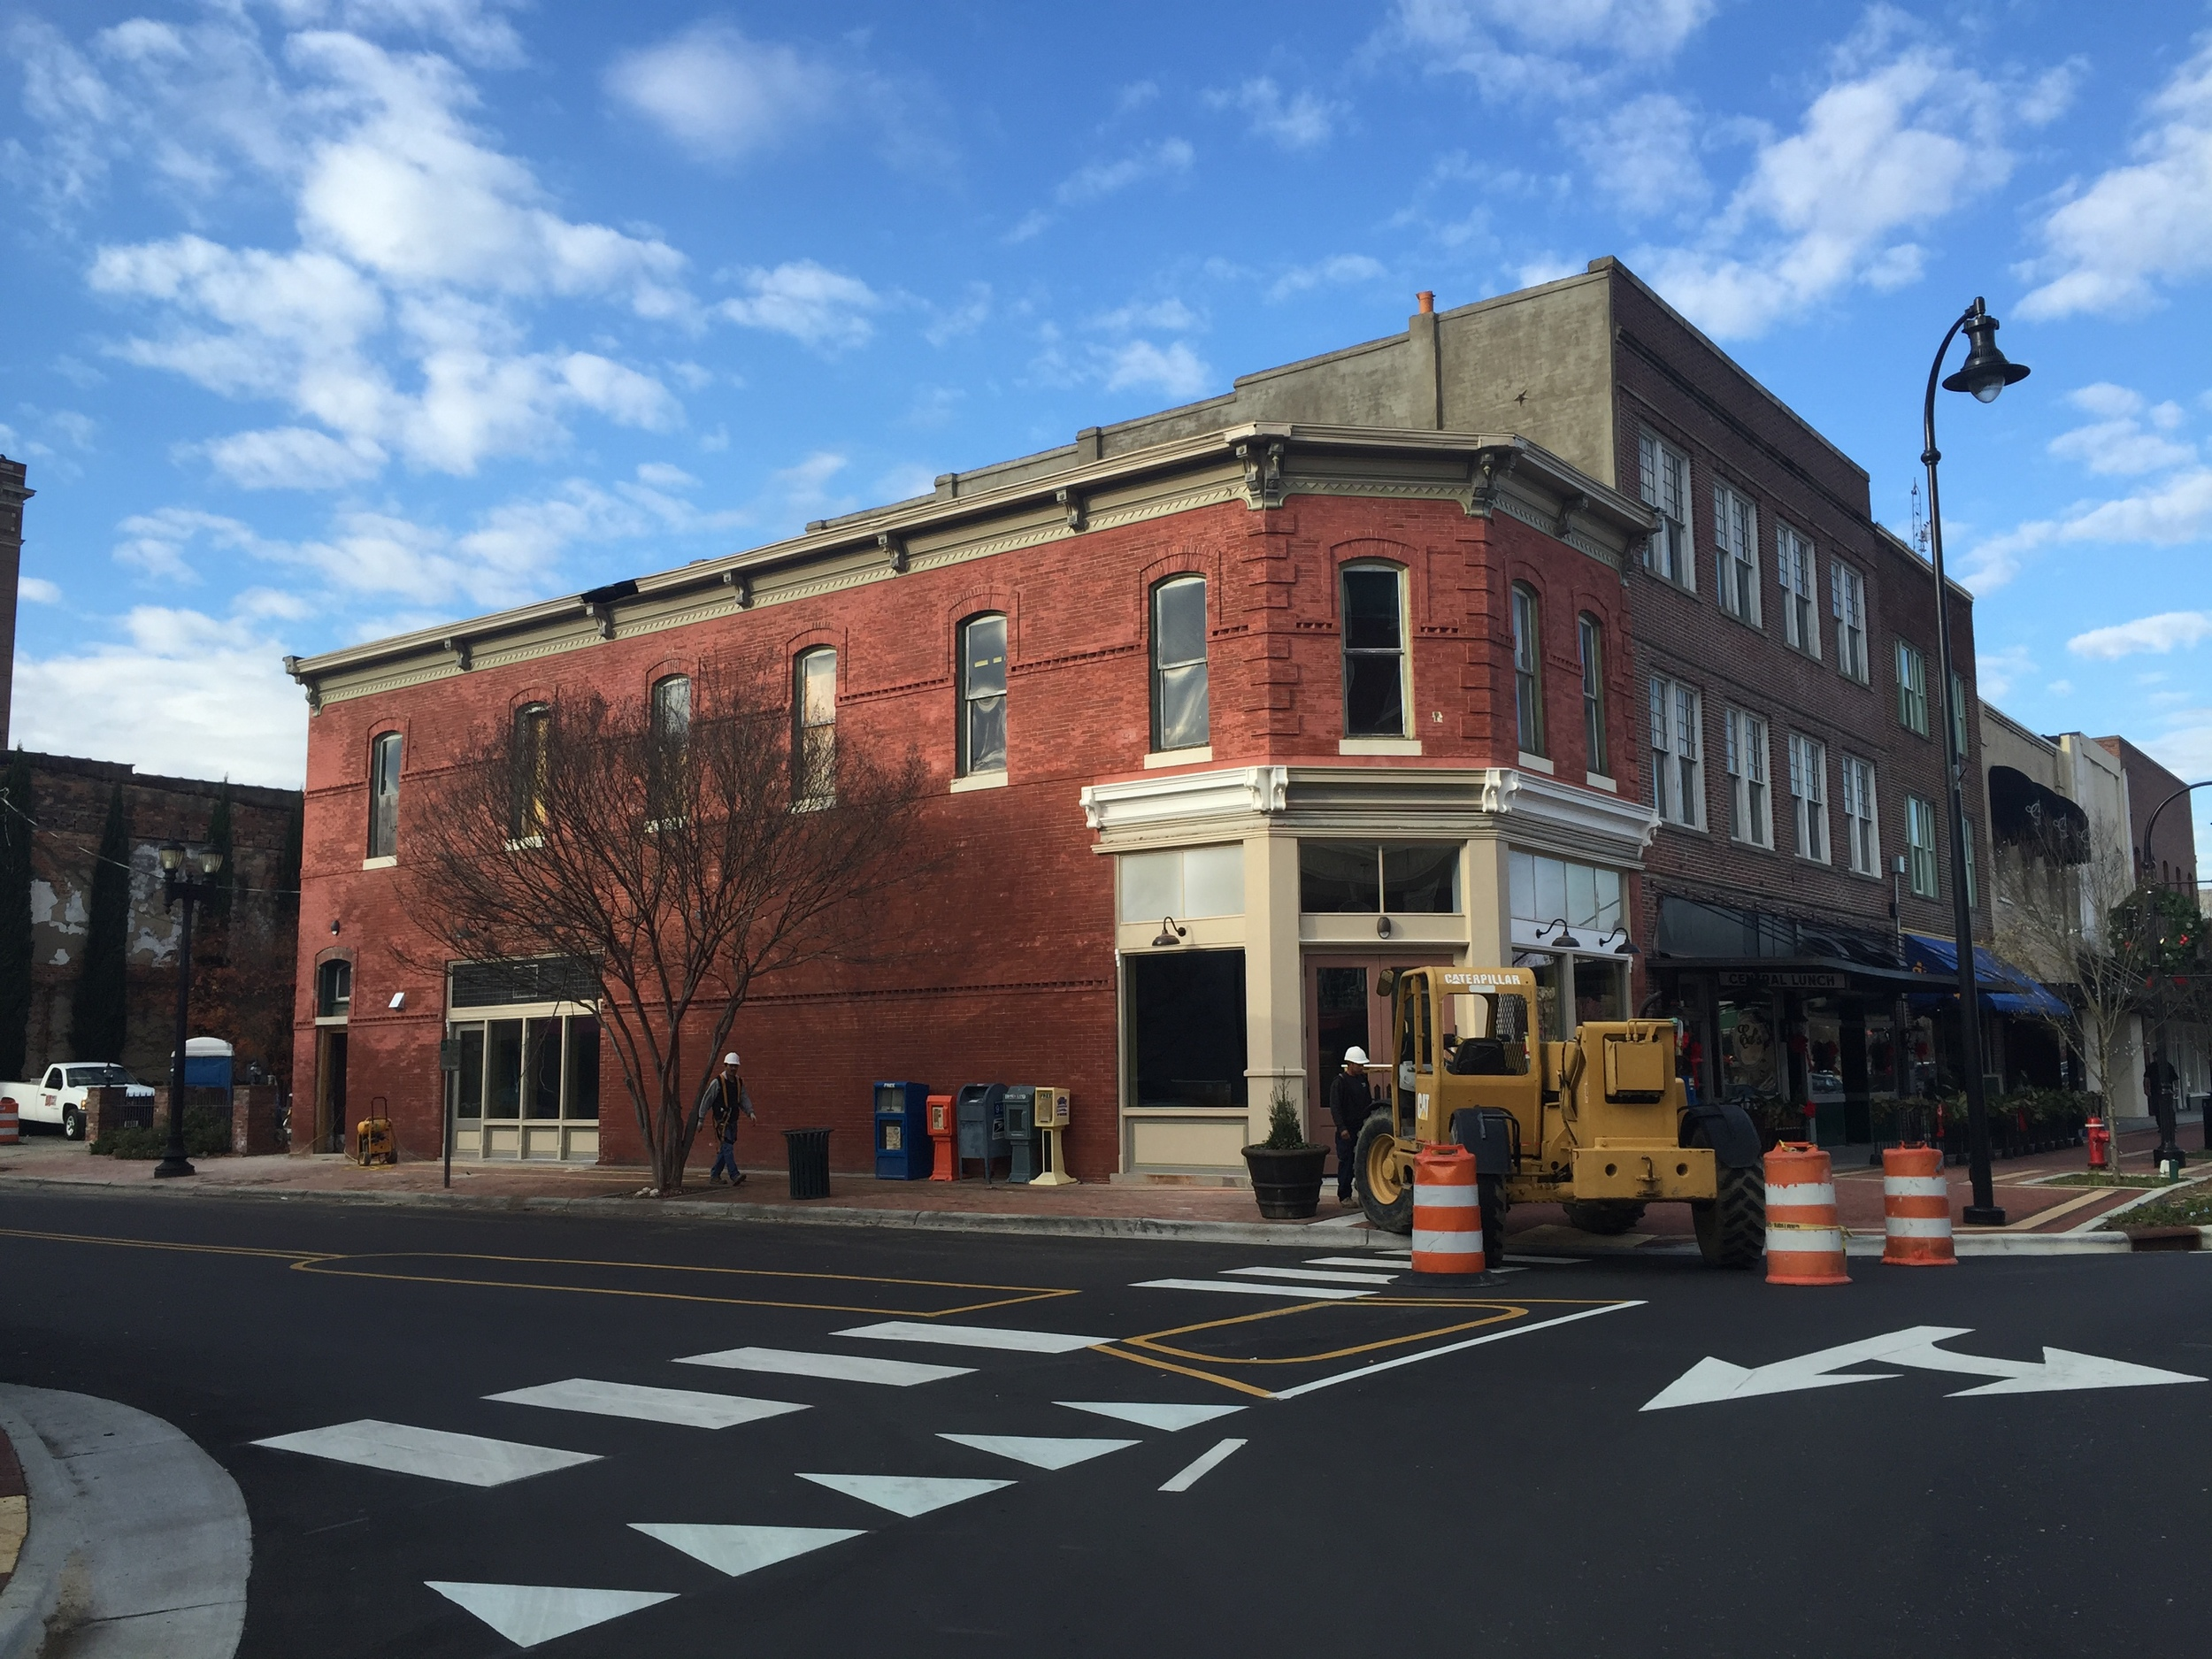 Mid-Renovation, December 2015